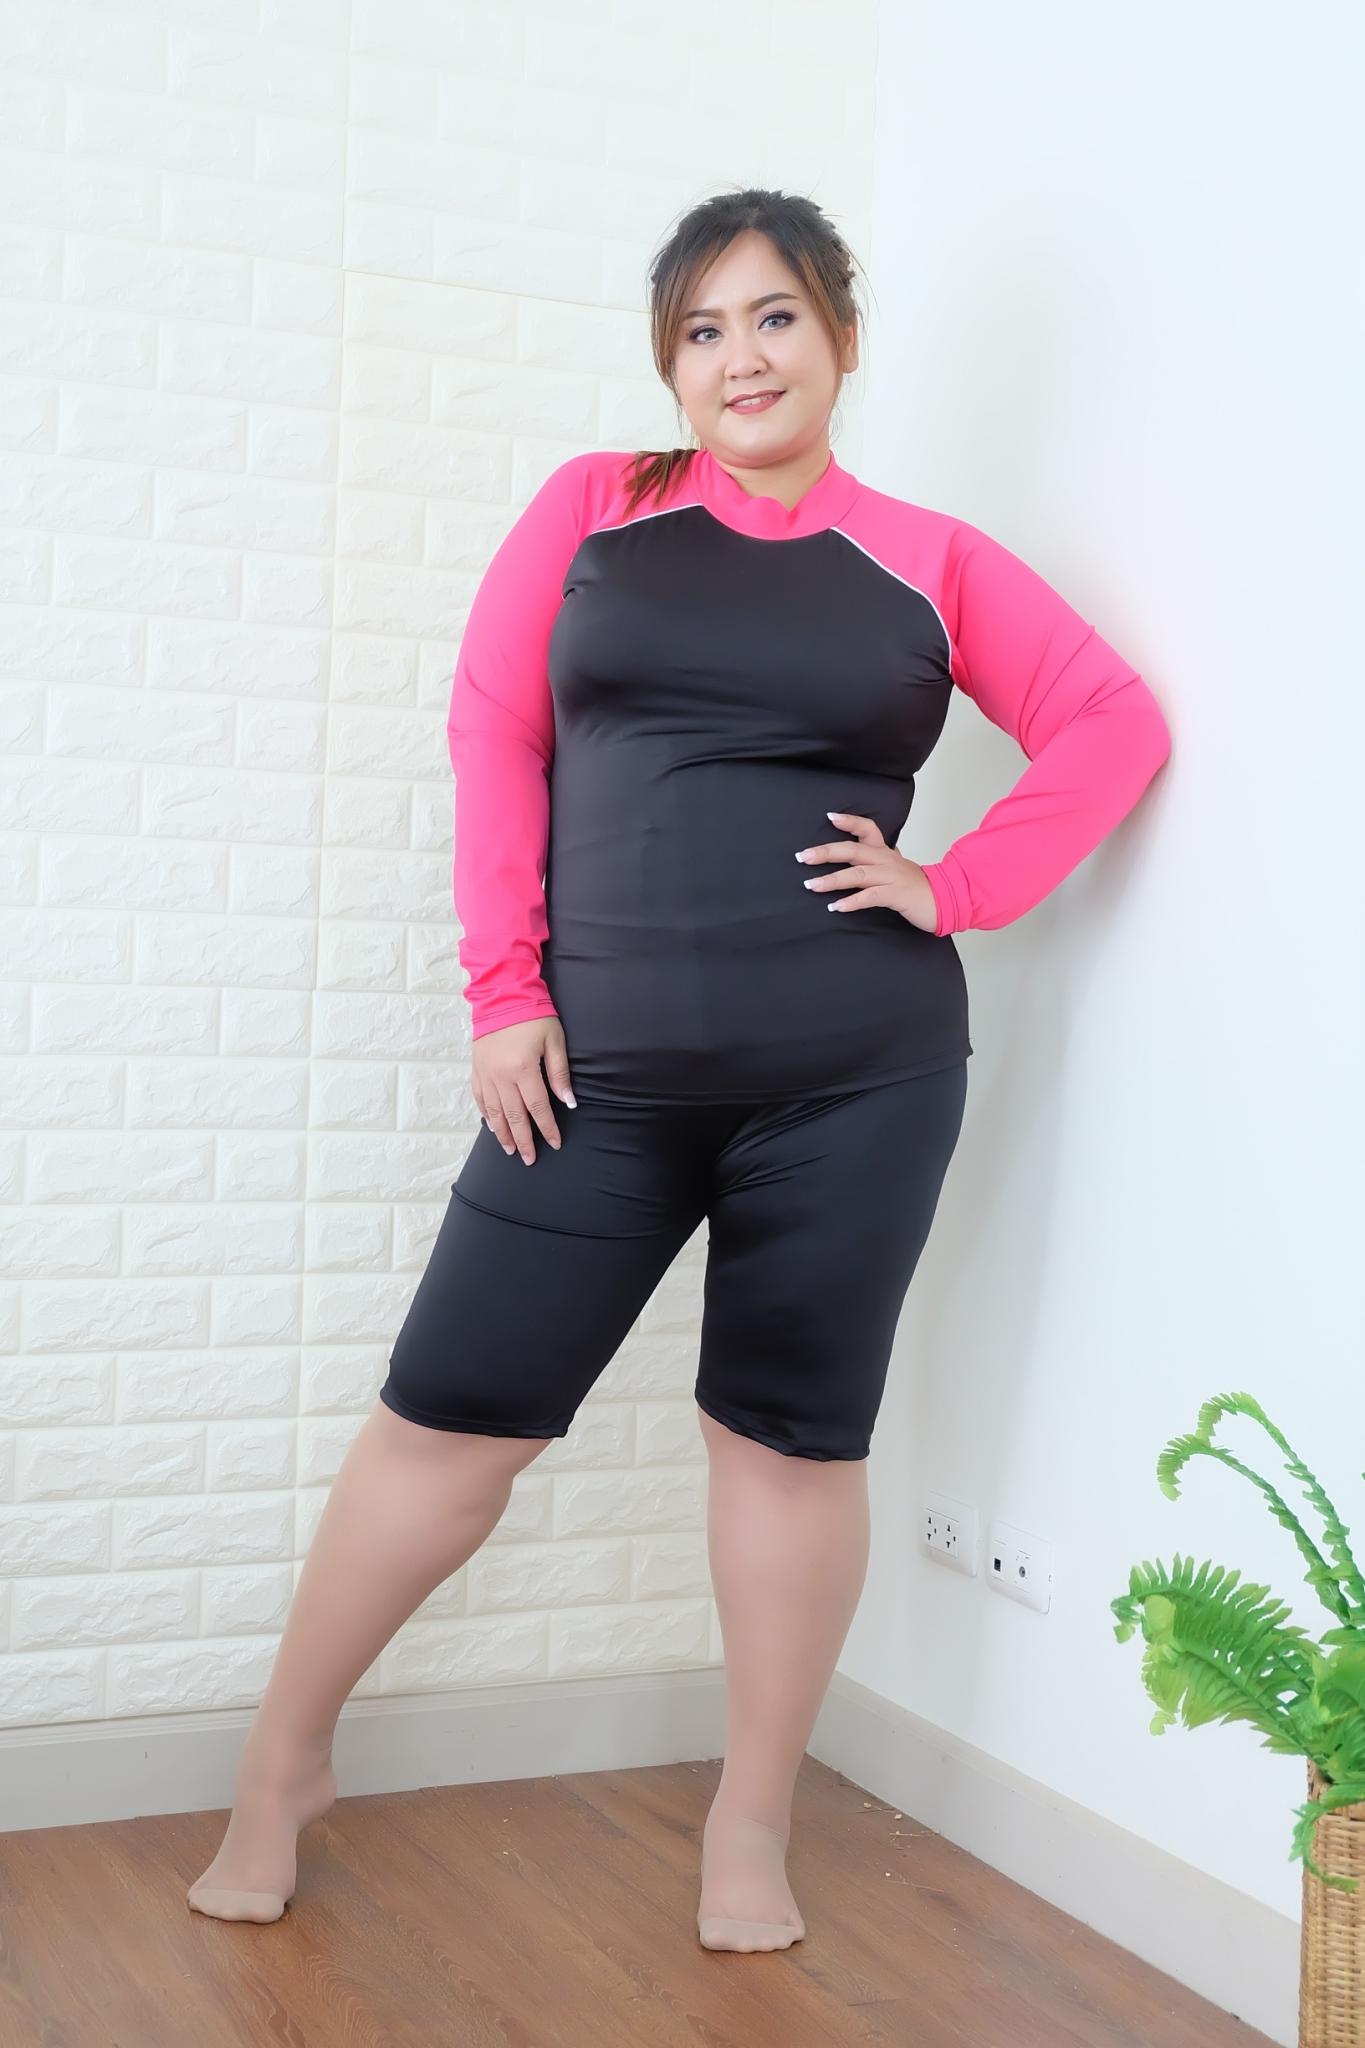 ชุดว่ายน้ำผู้หญิงแนวสปอร์ต กัน uv ขนาด7xl -9xl เสื้อ +กางเกง รบกวนใส่ขนาดในช่องหมายเหตุนะคะ เลือกขนาดคลิ๊ก